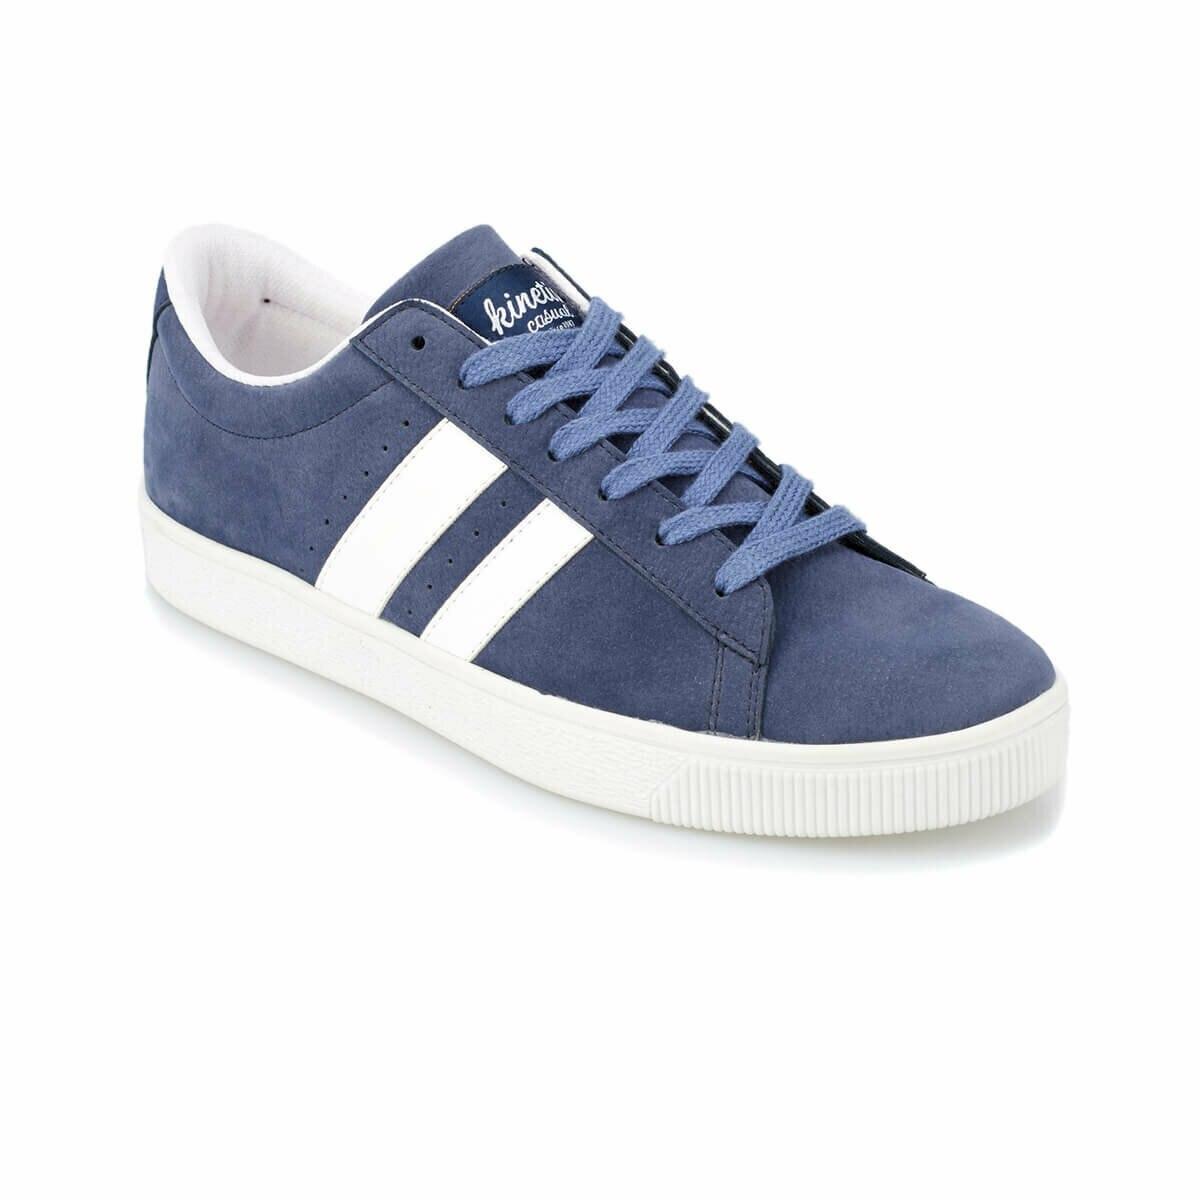 FLO faity azul marino zapatos para hombre KINETIX